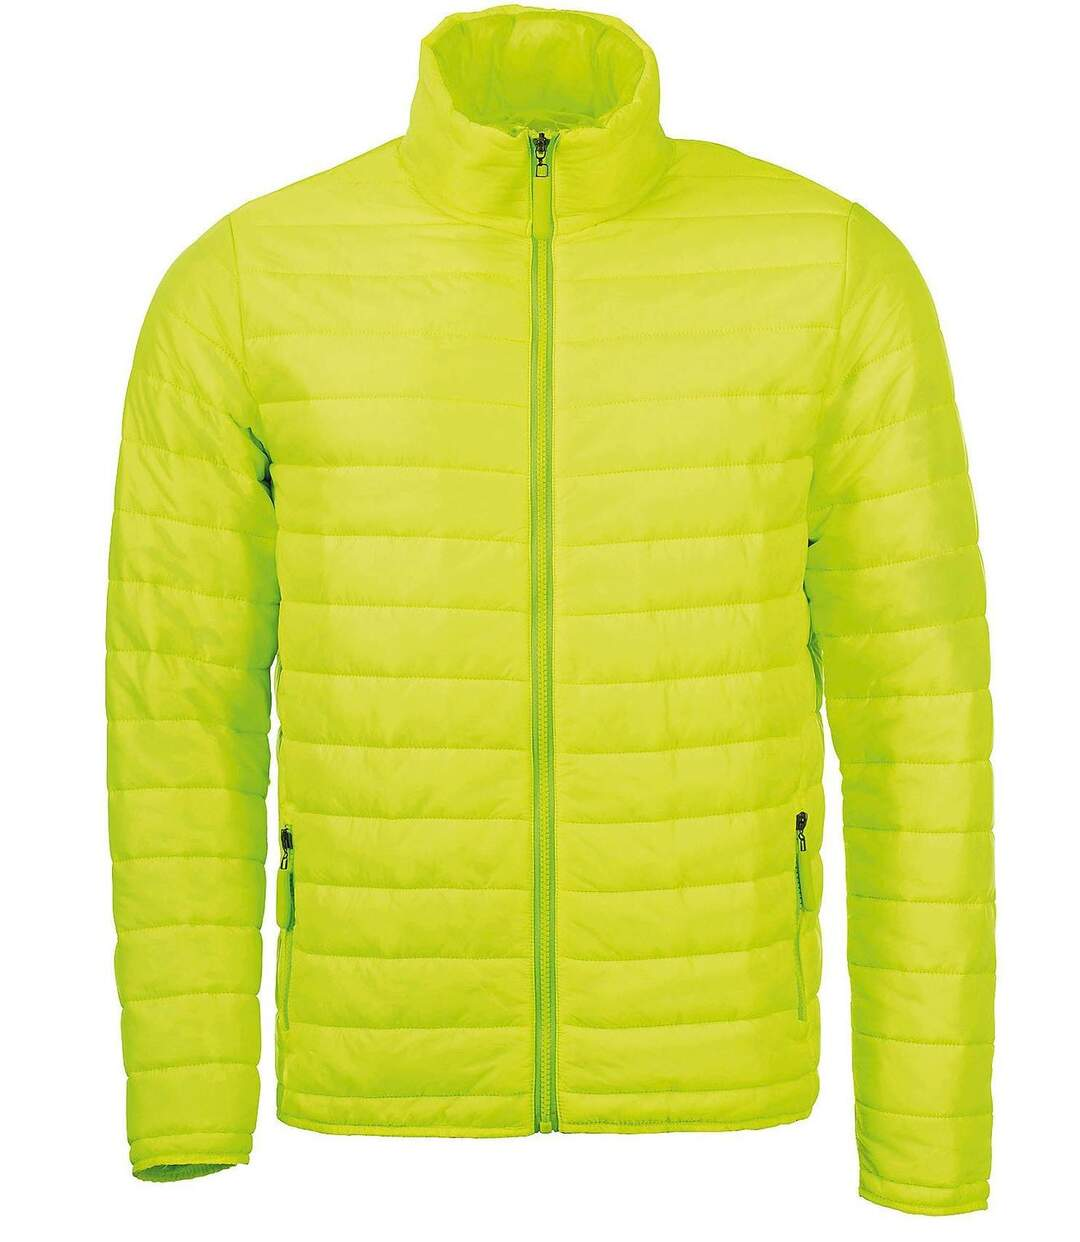 Doudoune légère homme - 01193 - vert citron